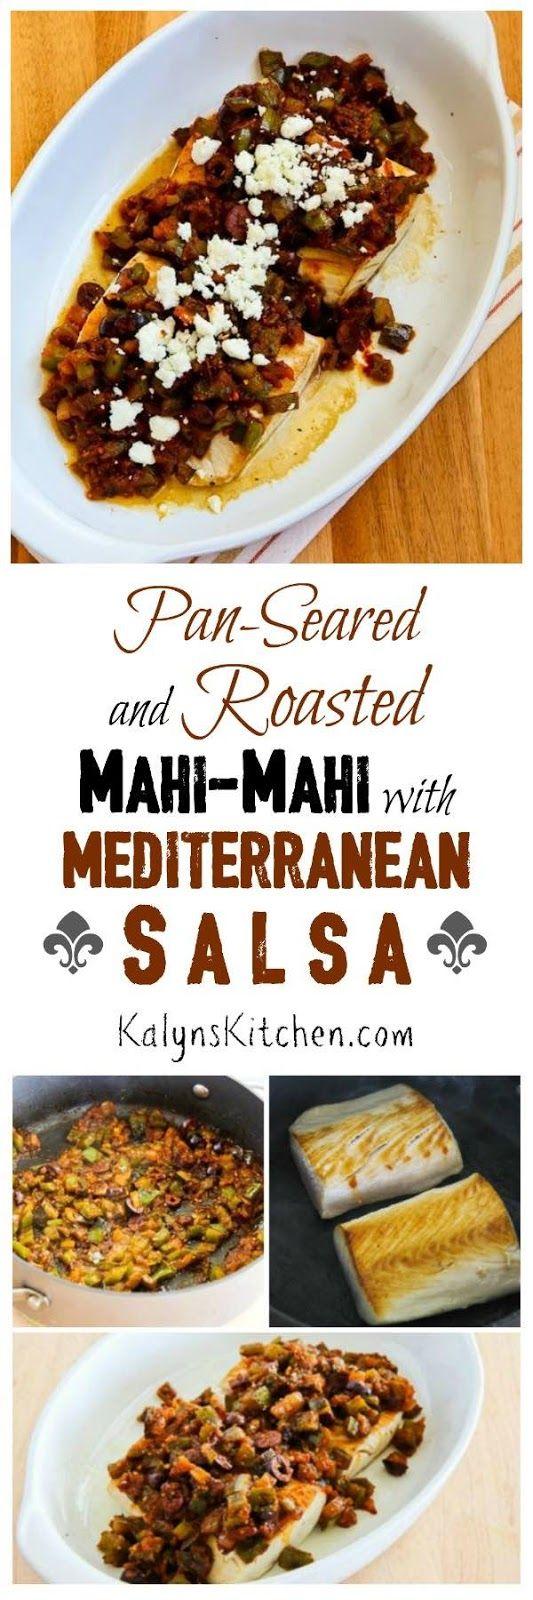 Pan-Seared and Roasted Mahi Mahi with Mediterranean Salsa and Feta